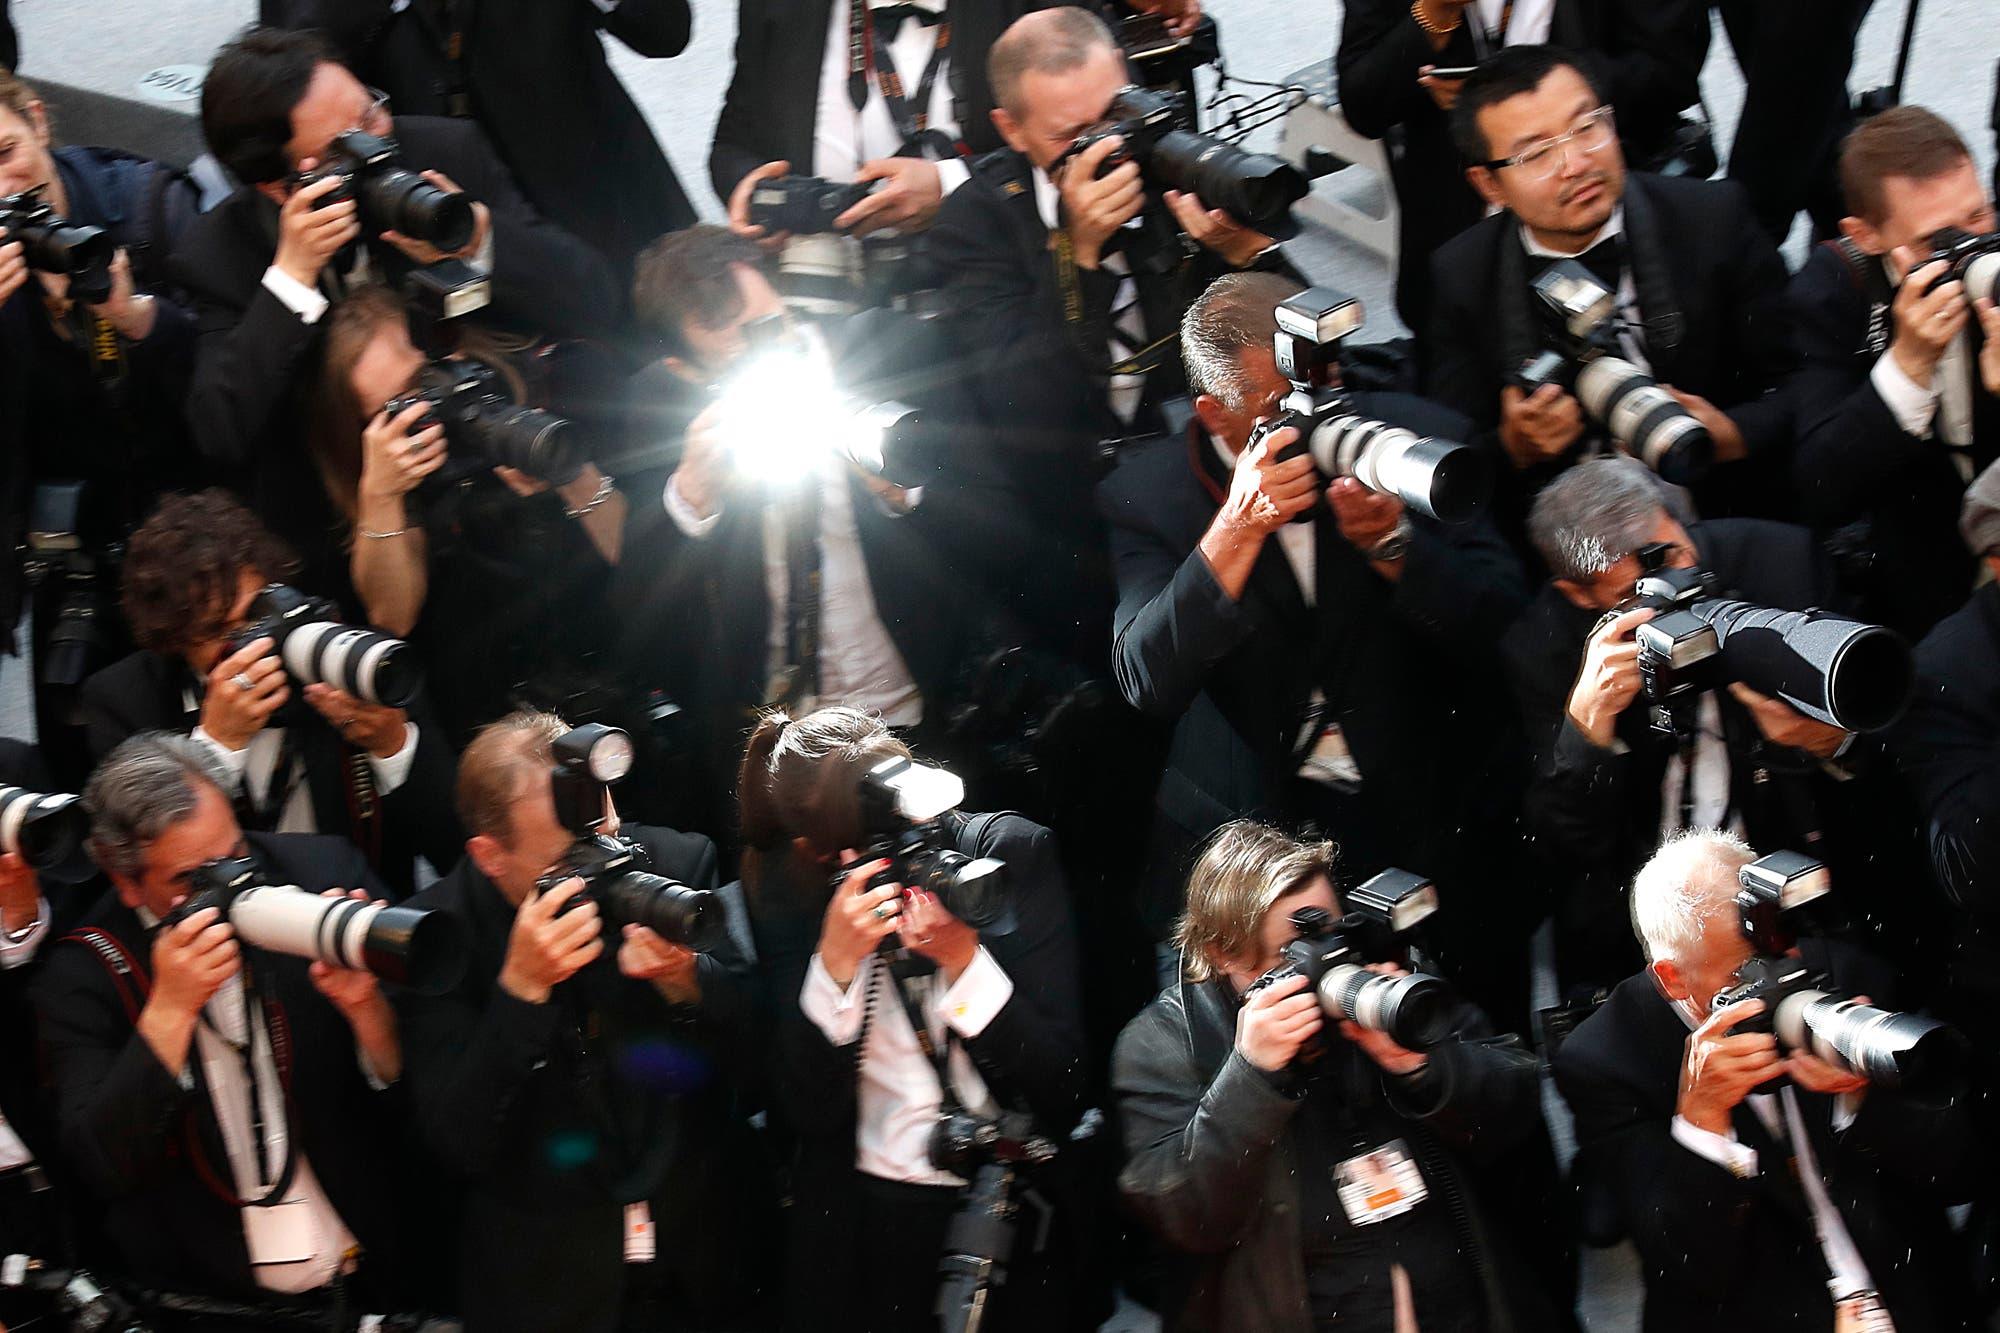 Francia se paraliza, pero el Festival de Cannes sigue sin definición